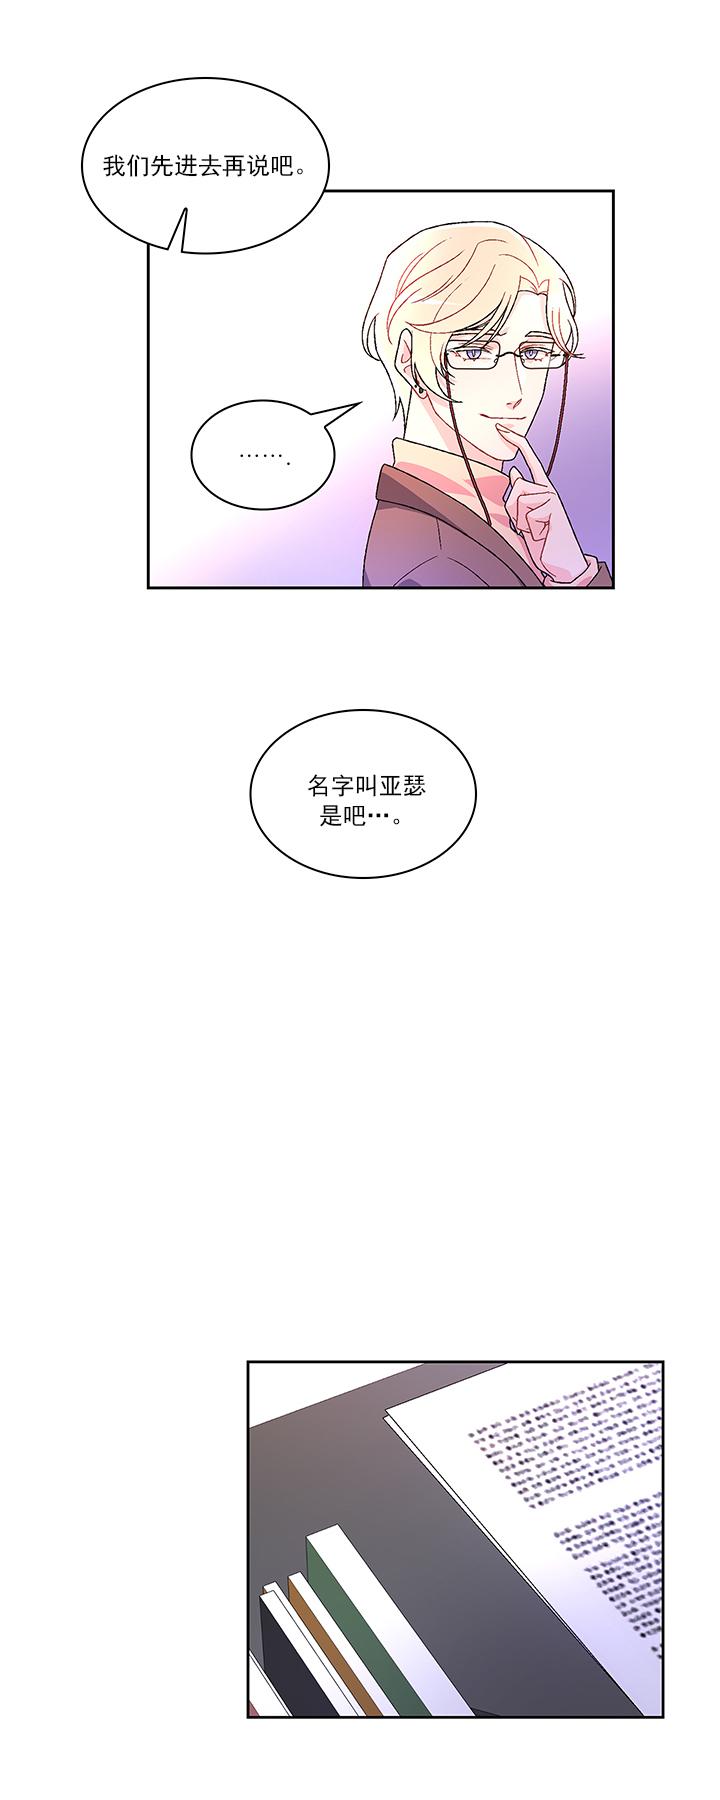 韩漫 | 《亚瑟》美人攻x刑警受  第20张